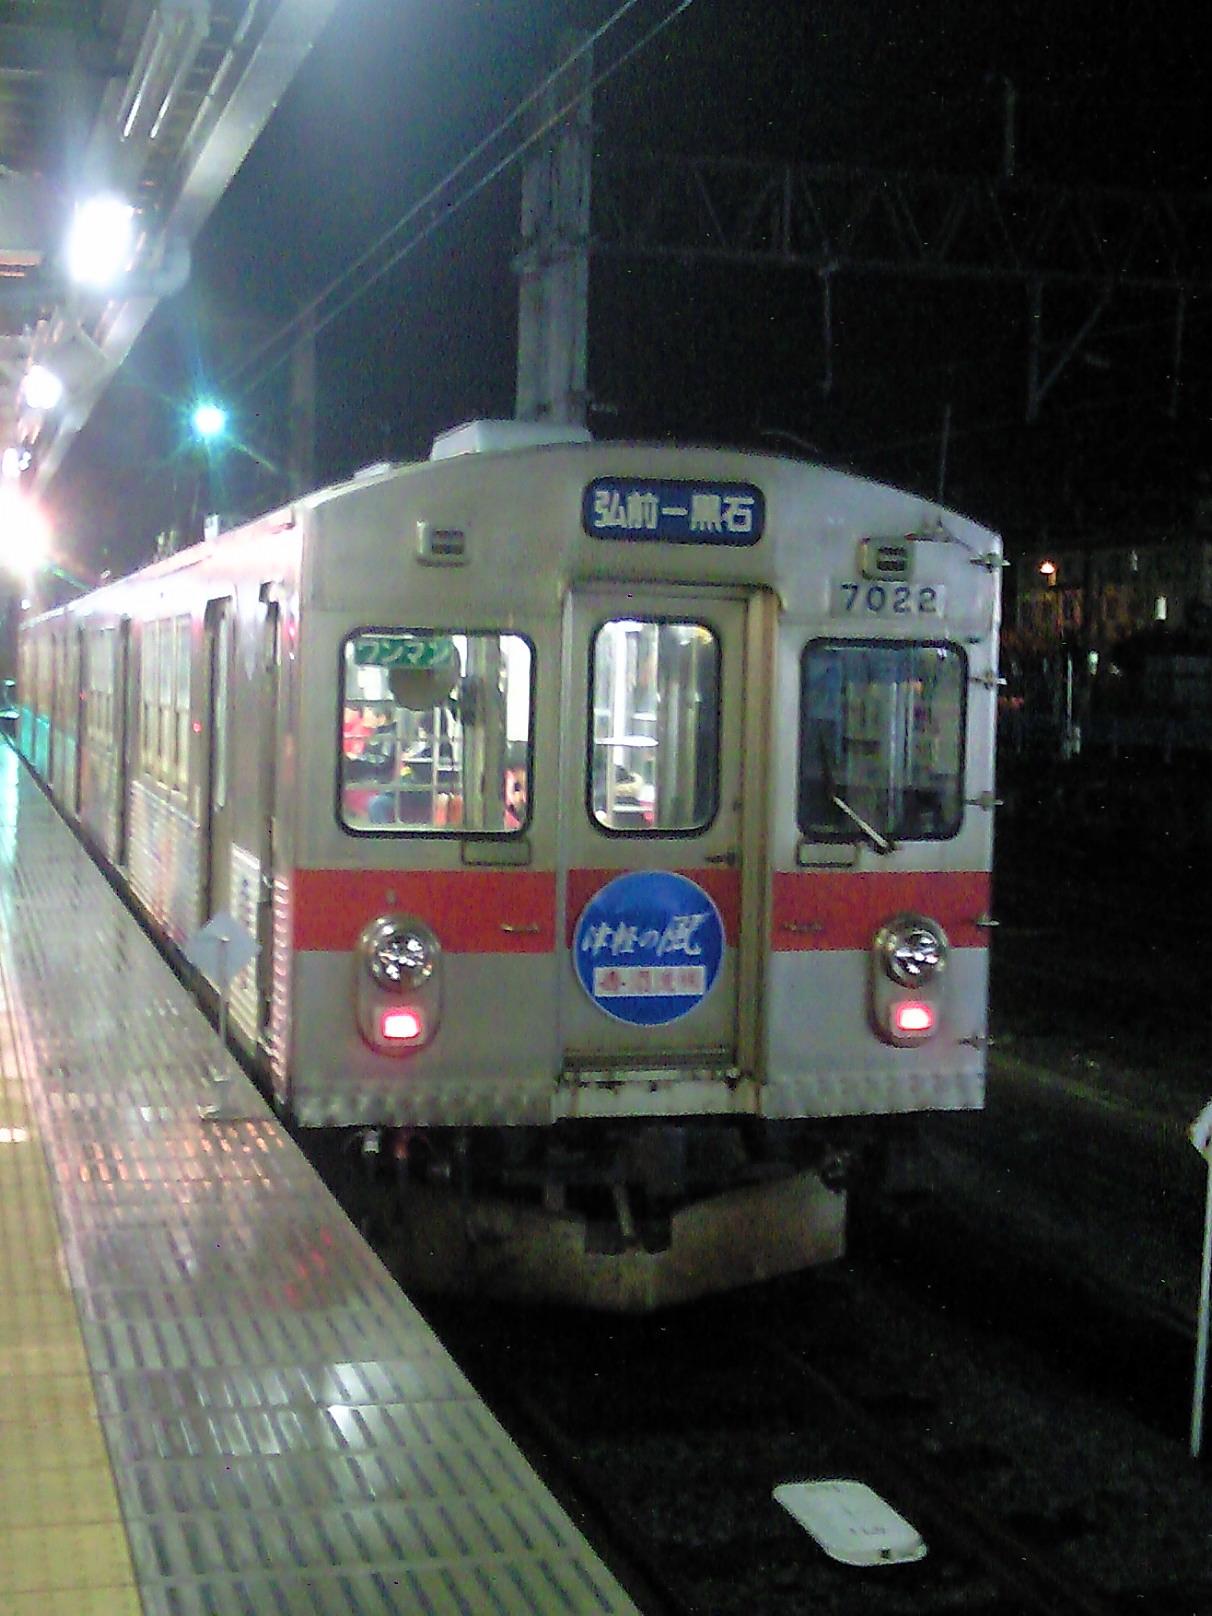 ローカル私鉄の旅